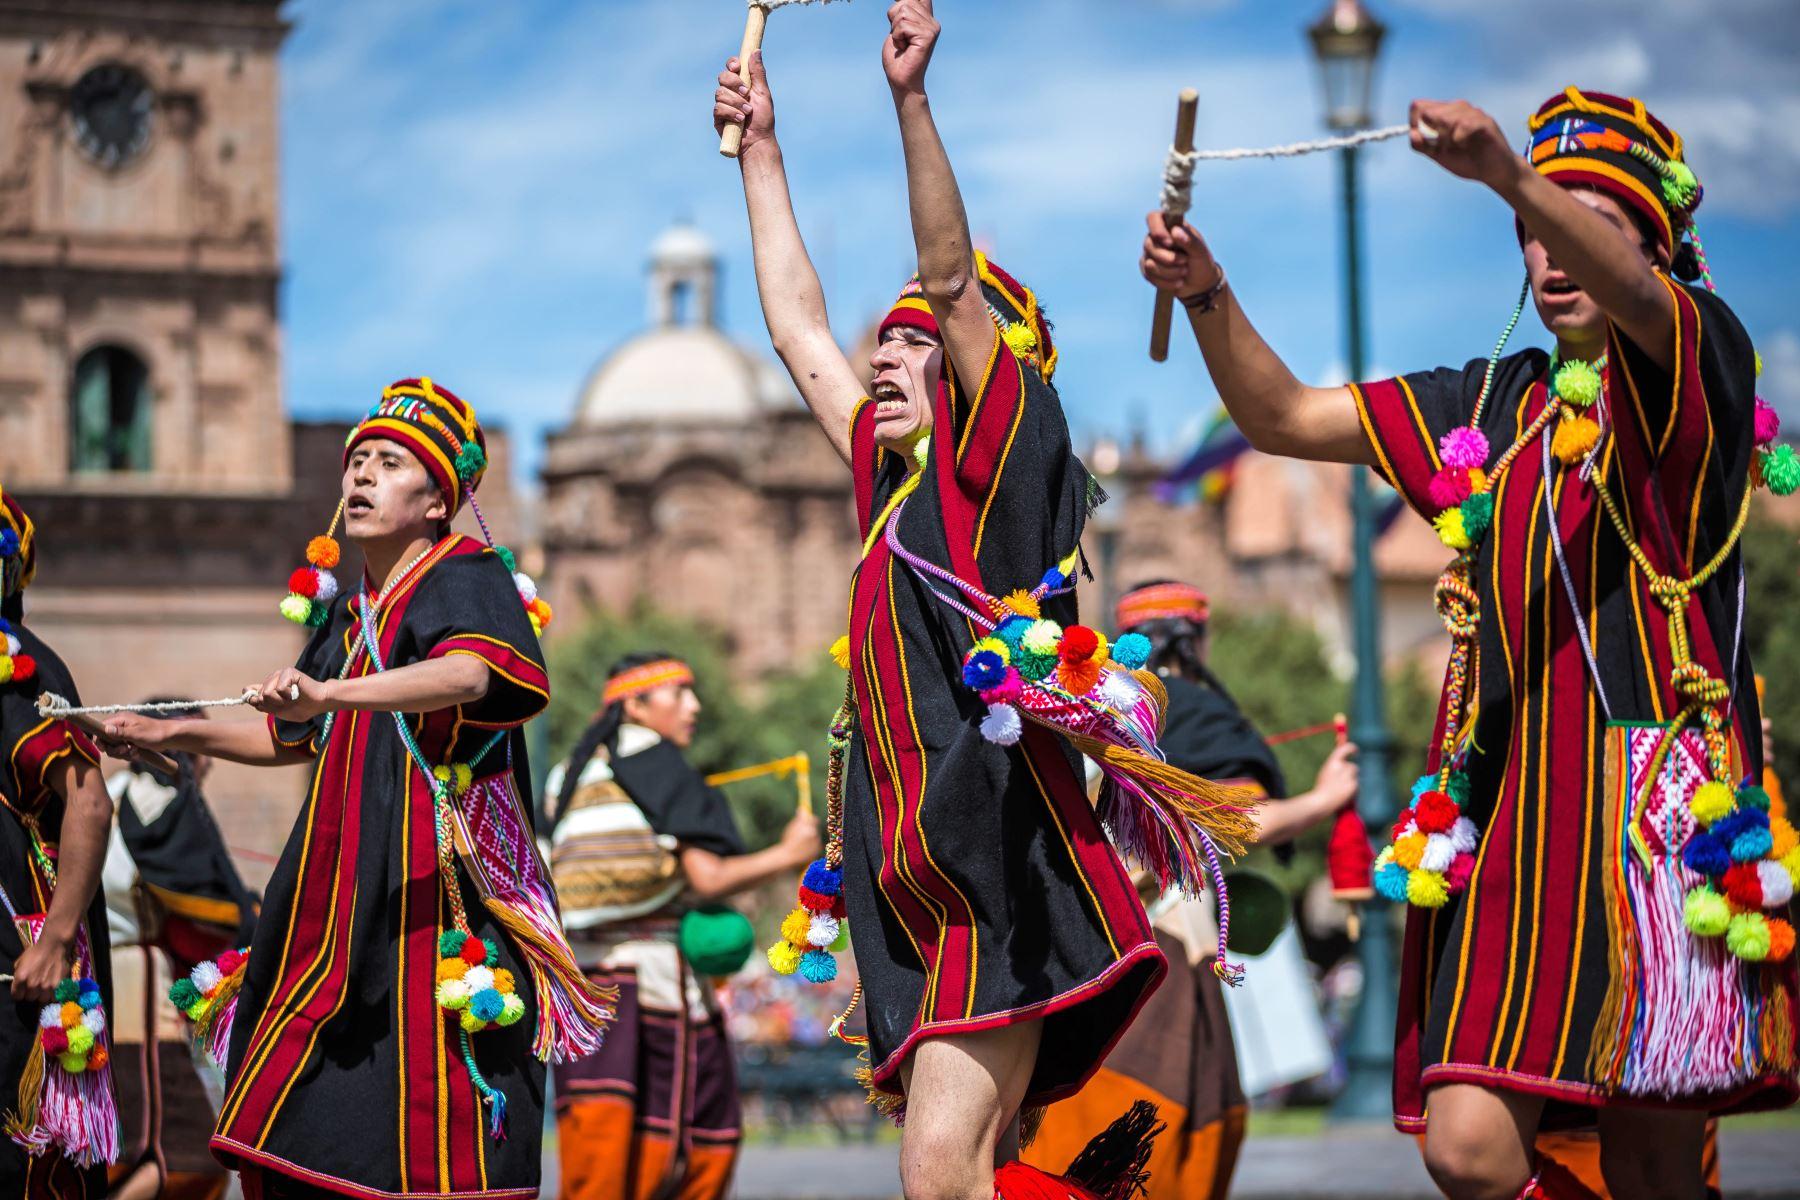 El escritor Inca Garcilaso de la Vega cuenta en sus crónicas que el Inti Raymi duraba 15 días, en los que había danzas y sacrificios ofrecidos al Sol. Foto: ANDINA/EMUFEC